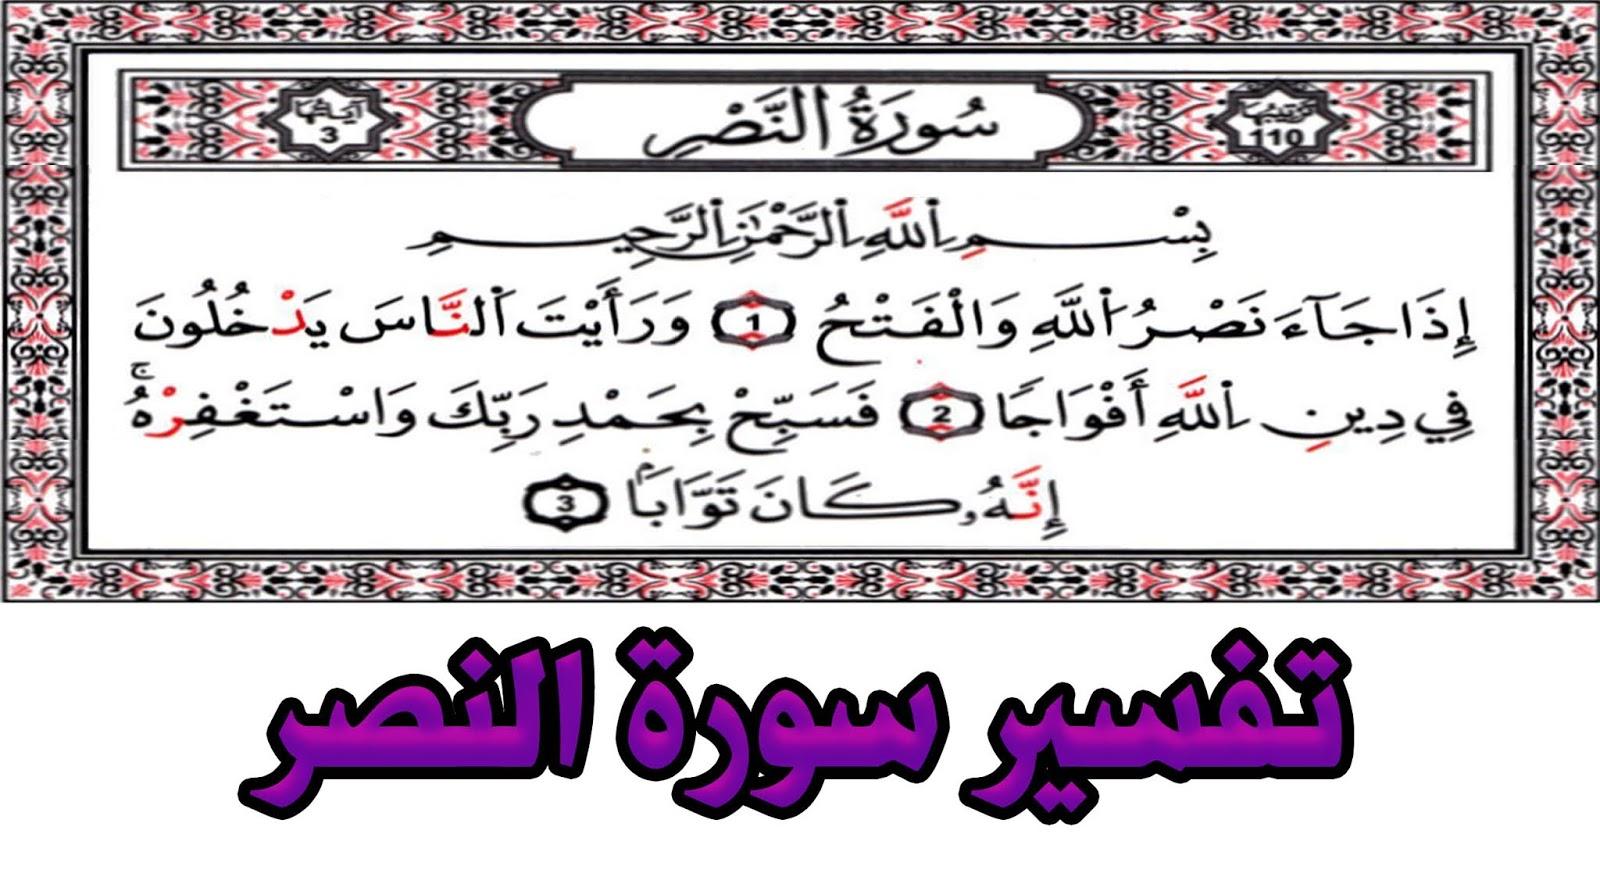 تفسير سورة النصر مشروع حبق الروح لتفسير القرآن الكريم قران